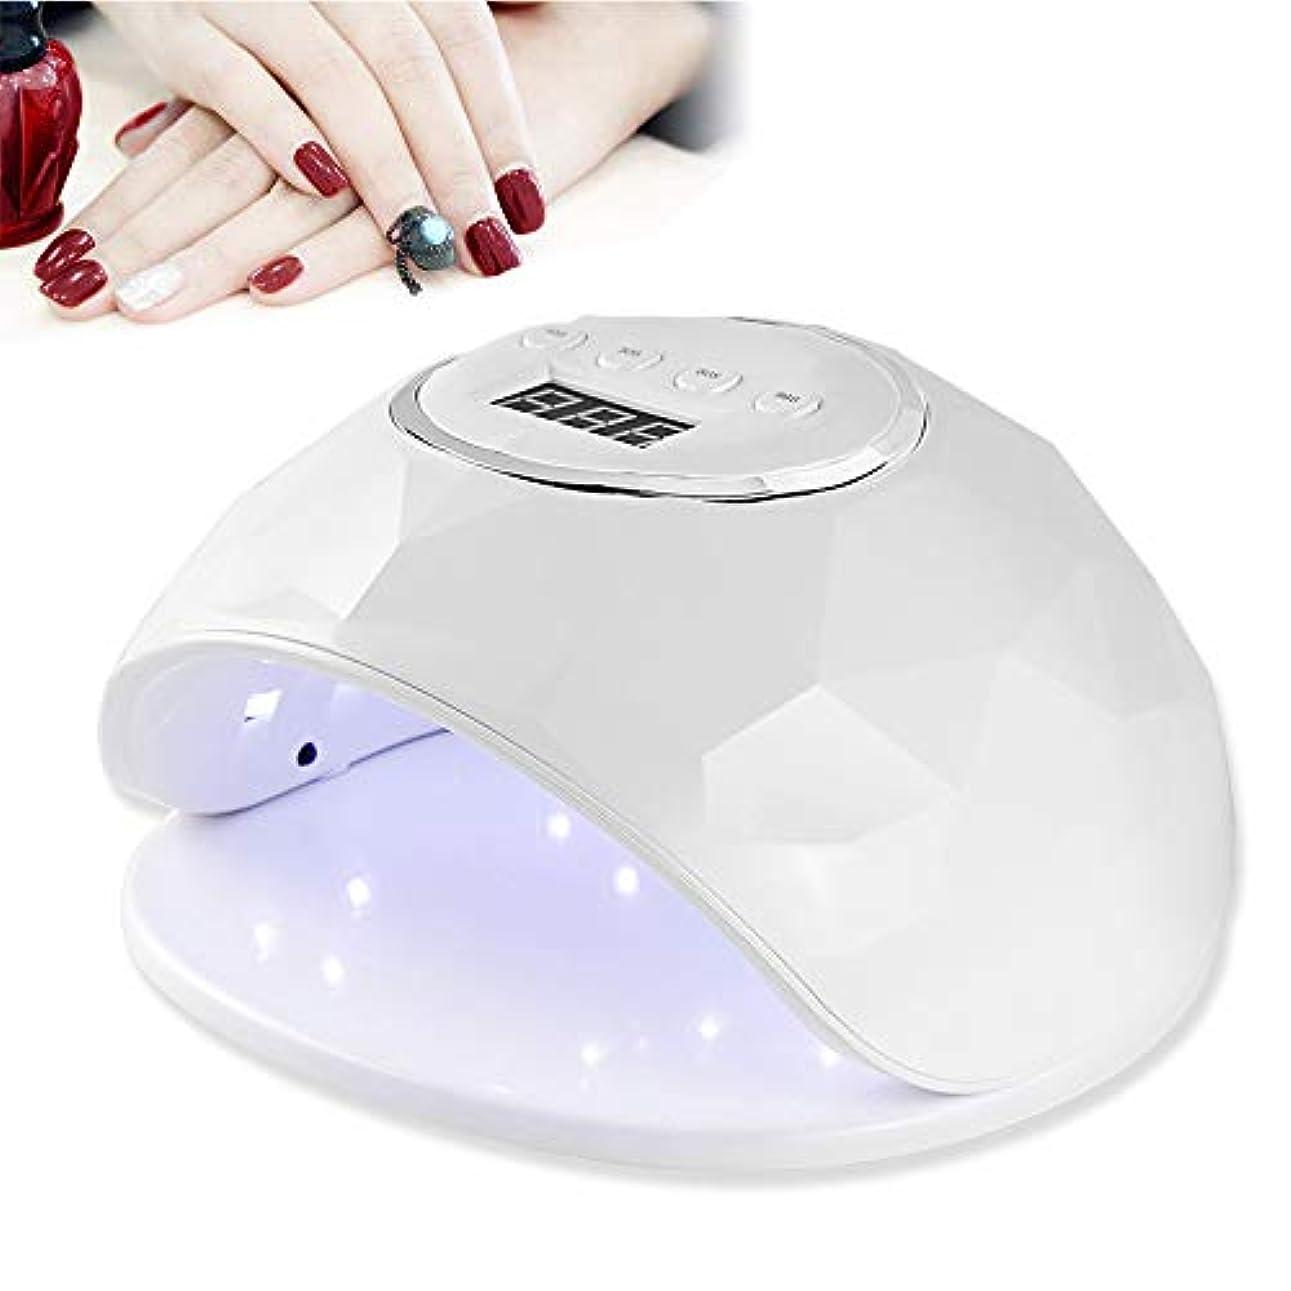 返済装備する模索LEDジェルネイルライトドライヤー赤外線インテリジェント自動センサー4タイマー設定、39デュアル光源LED、トップコートネイルマニキュアツール,白